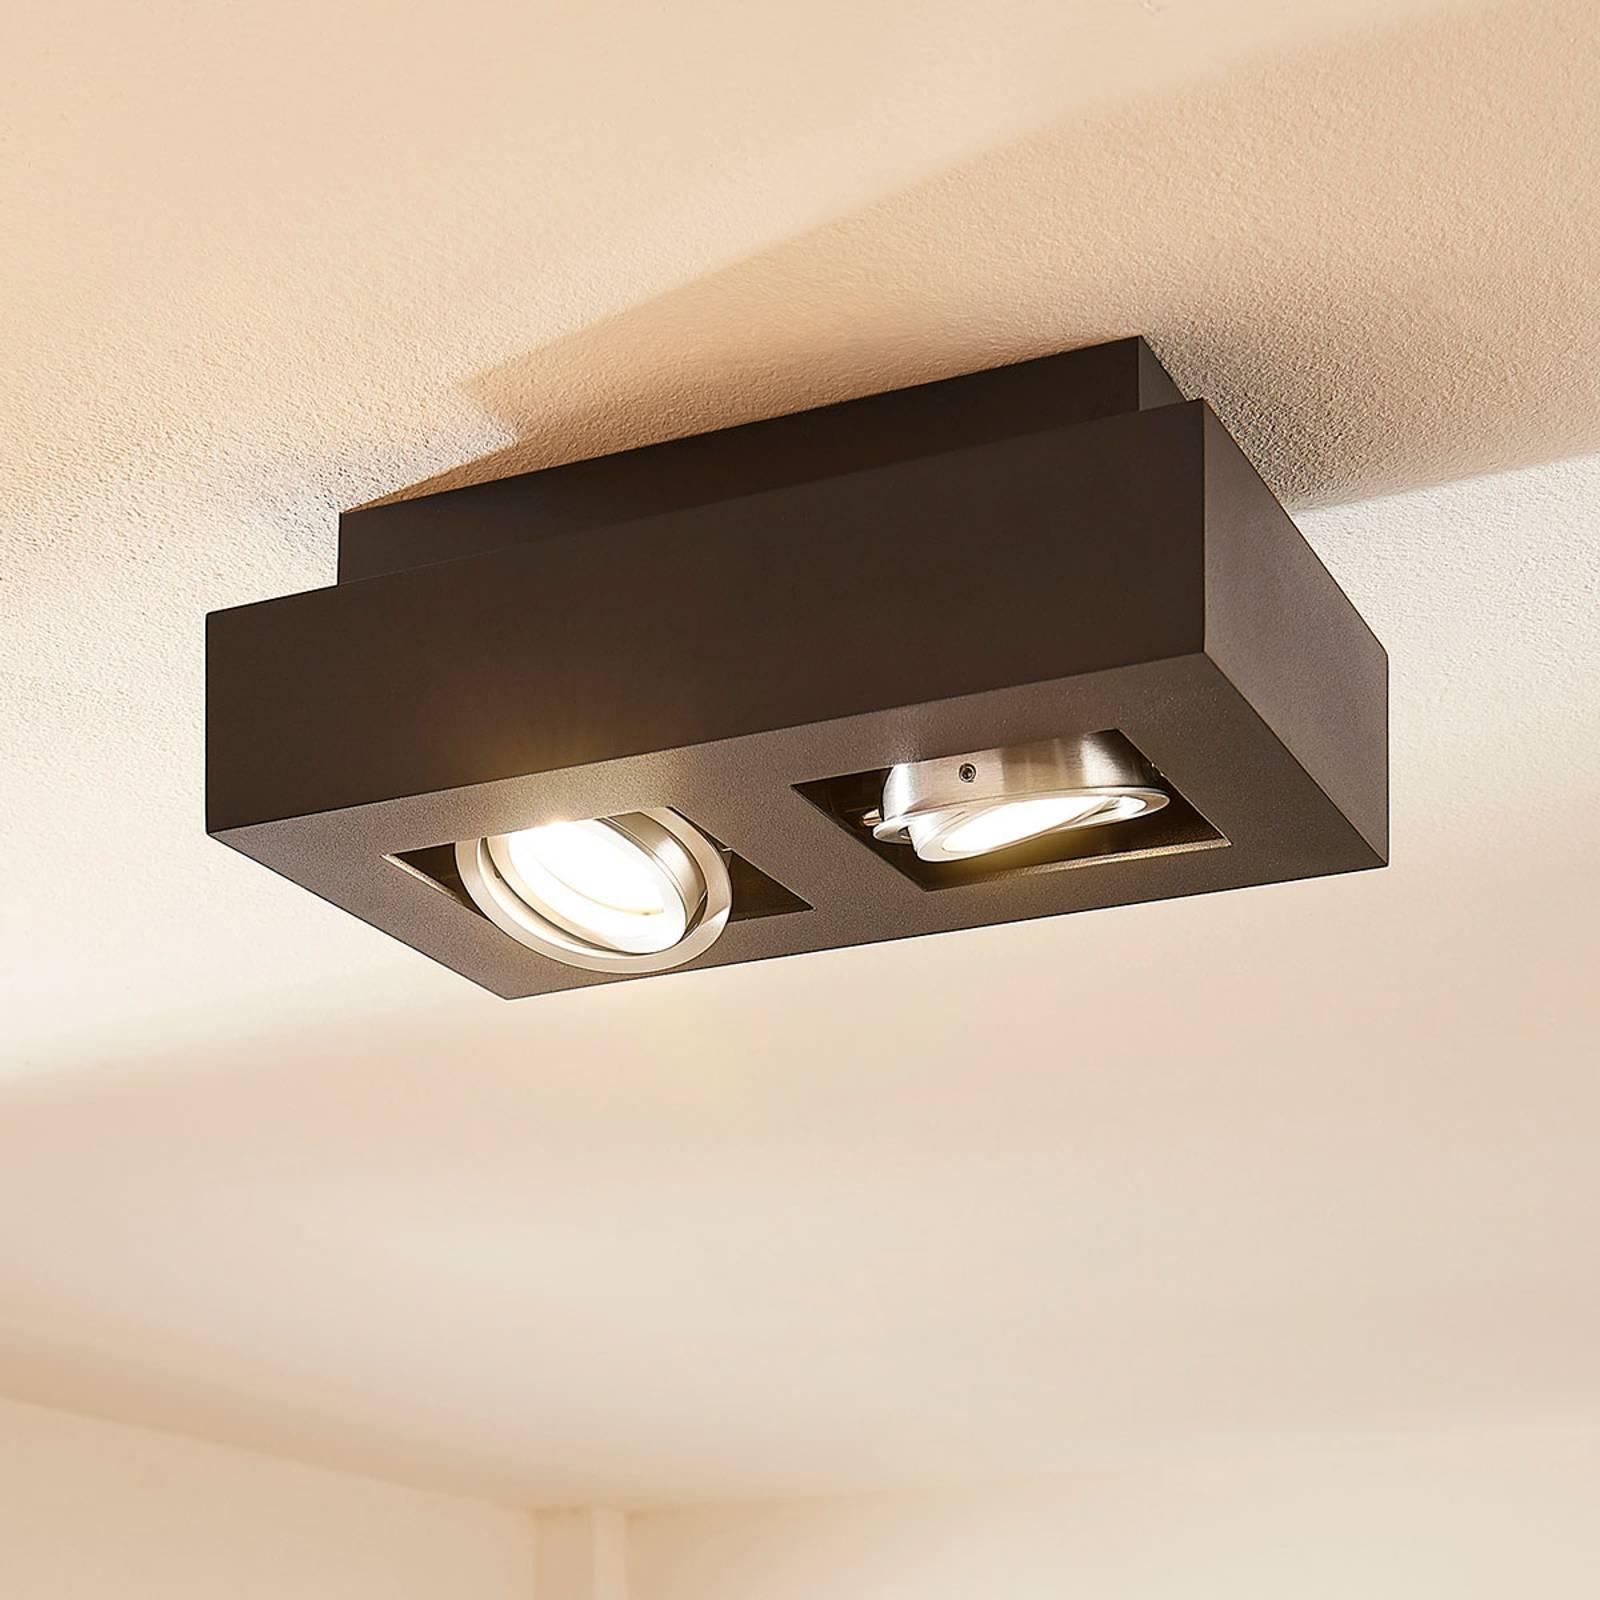 LED-Deckenleuchte Vince, 25x14cm in Schwarz